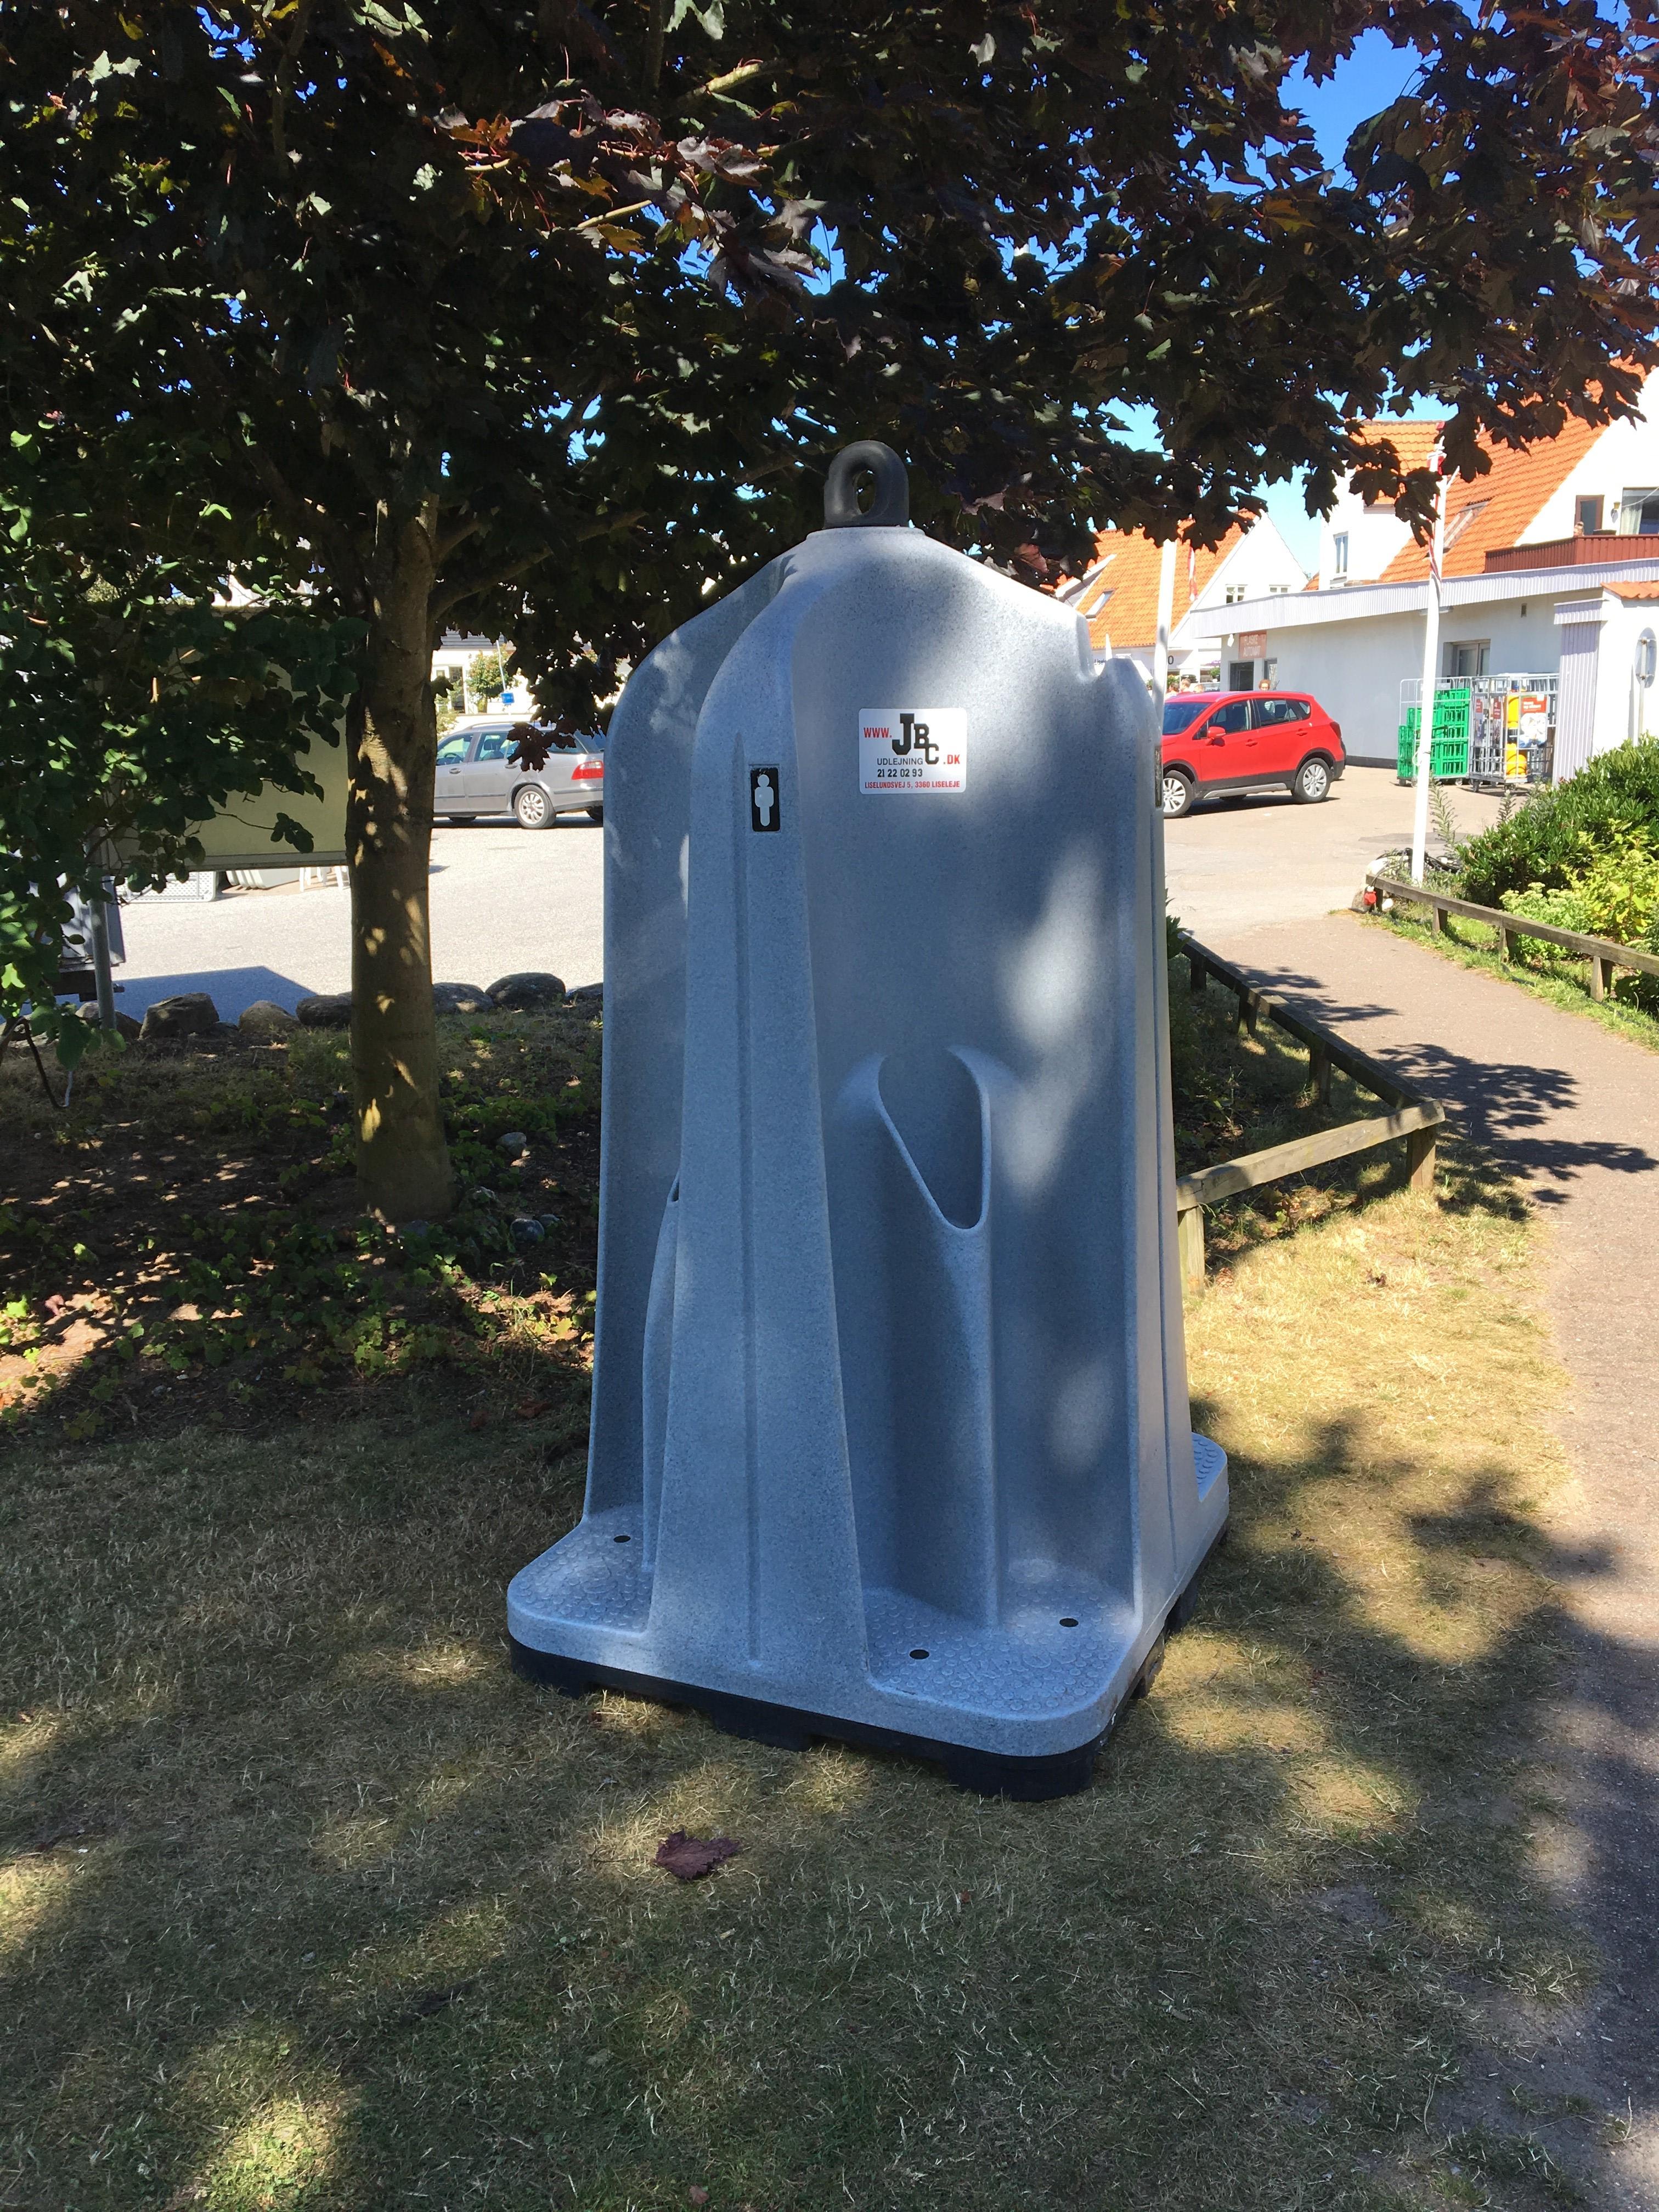 Urinal/pissoir